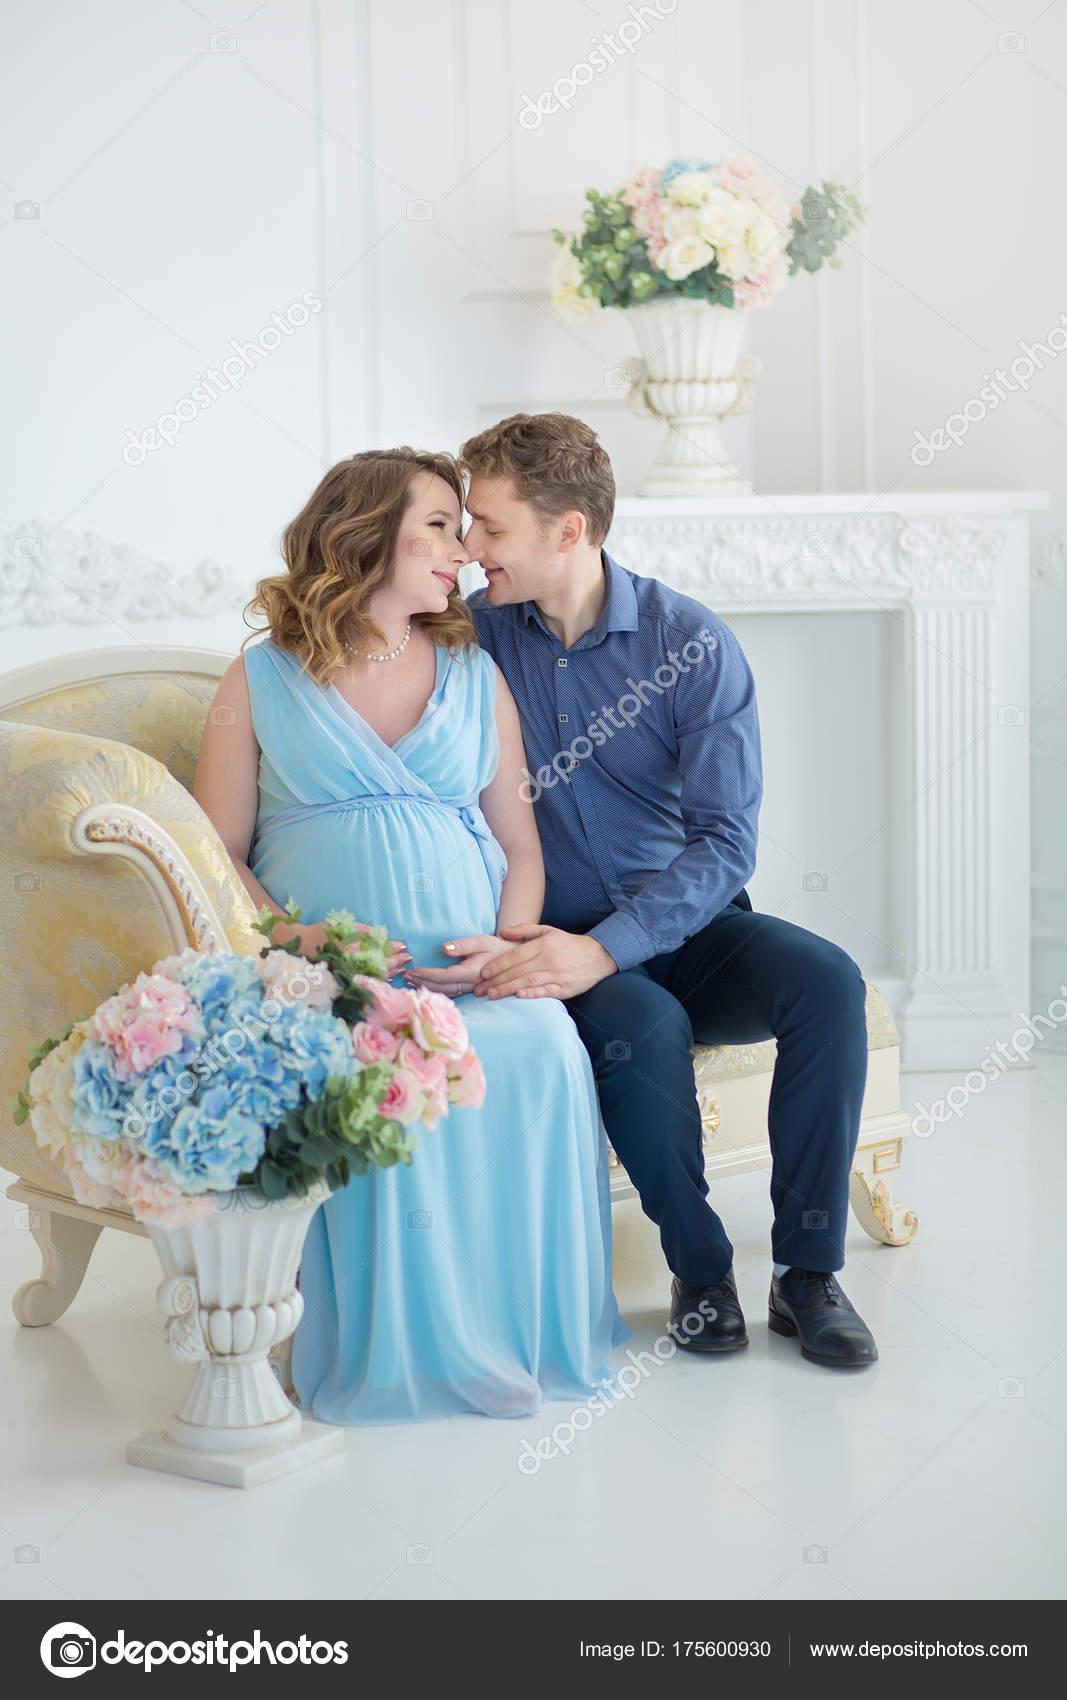 スタジオ ポートレート、屋内でやがて生まれる子供かわいい赤赤ちゃん靴を見て幸せな親になるカップル\u2013 ストック画像